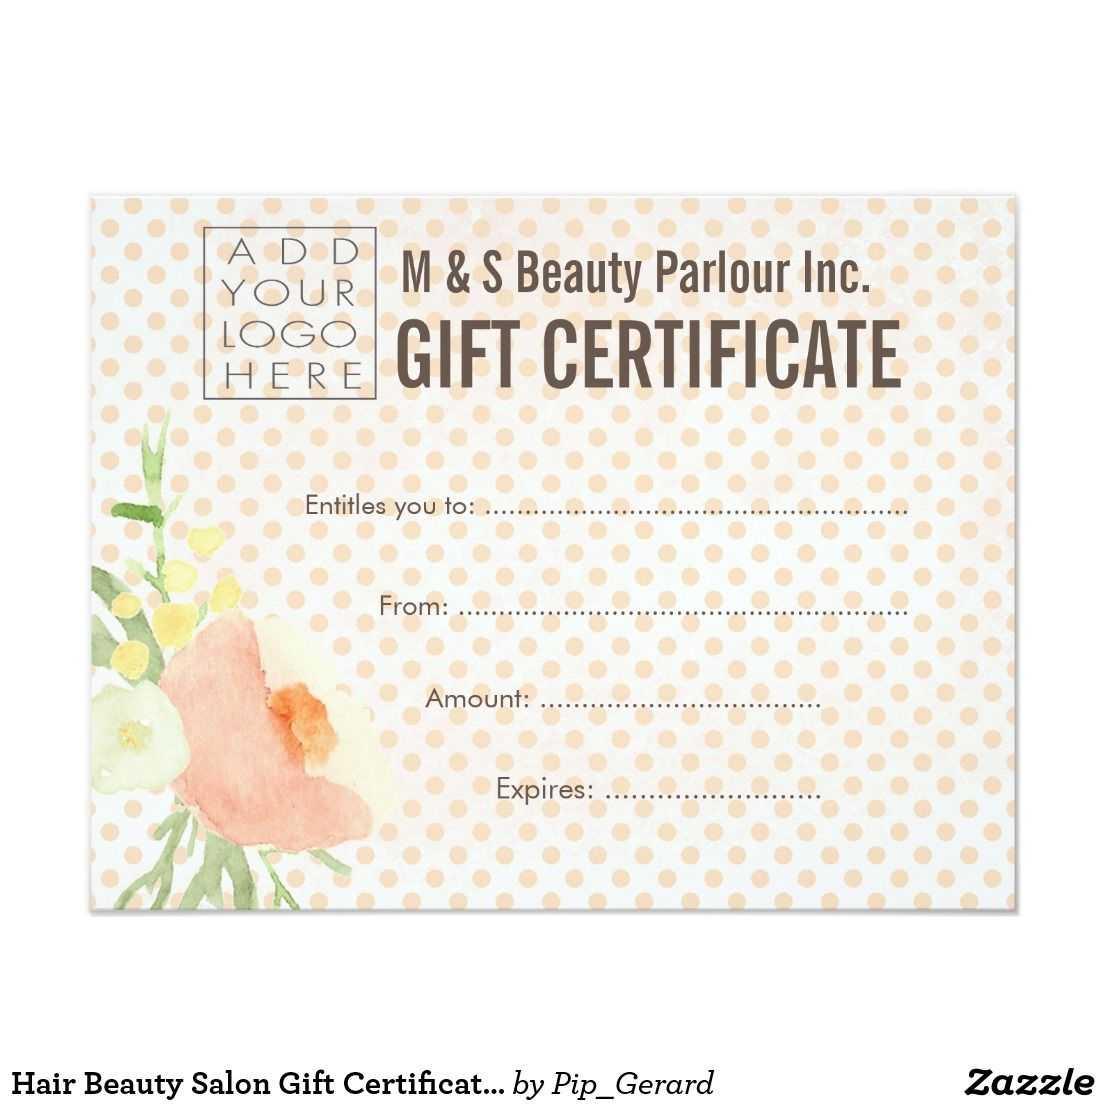 Hair Beauty Salon Gift Certificate Template | Zazzle With Regard To Salon Gift Certificate Template